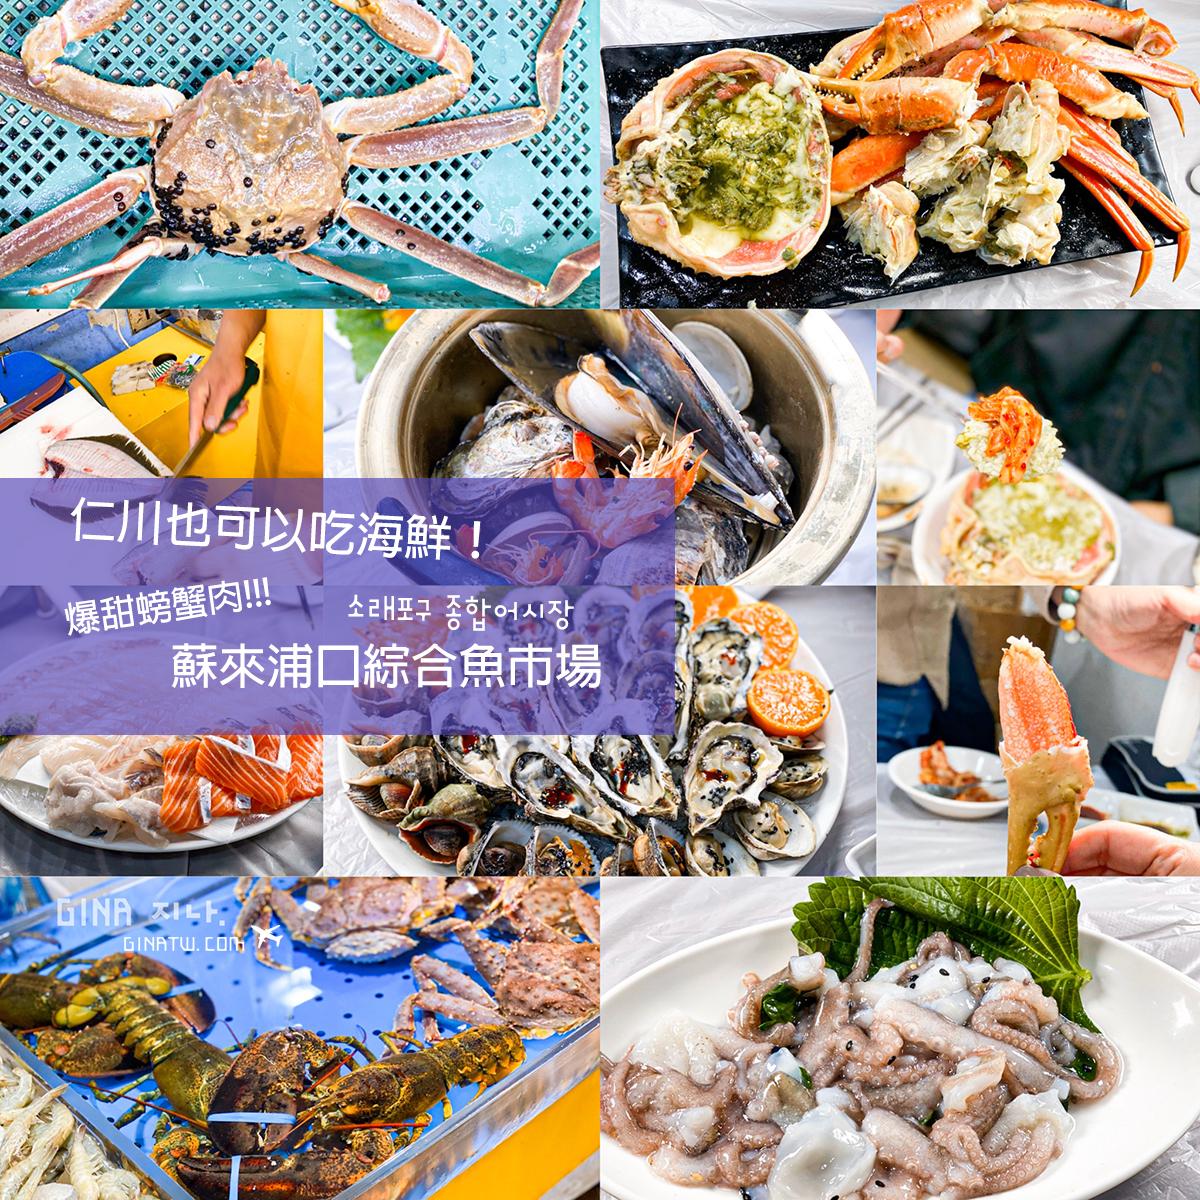 【仁川美食吃海鮮】蘇來浦口綜合魚市場|新鮮現撈現煮|花蟹/醬蟹飯/生蠔/魚湯/生章魚/貝類/生魚片/龍蝦/蛤蜊/韓國小菜|附地圖、周邊環境解說 @GINA環球旅行生活|不會韓文也可以去韓國 🇹🇼